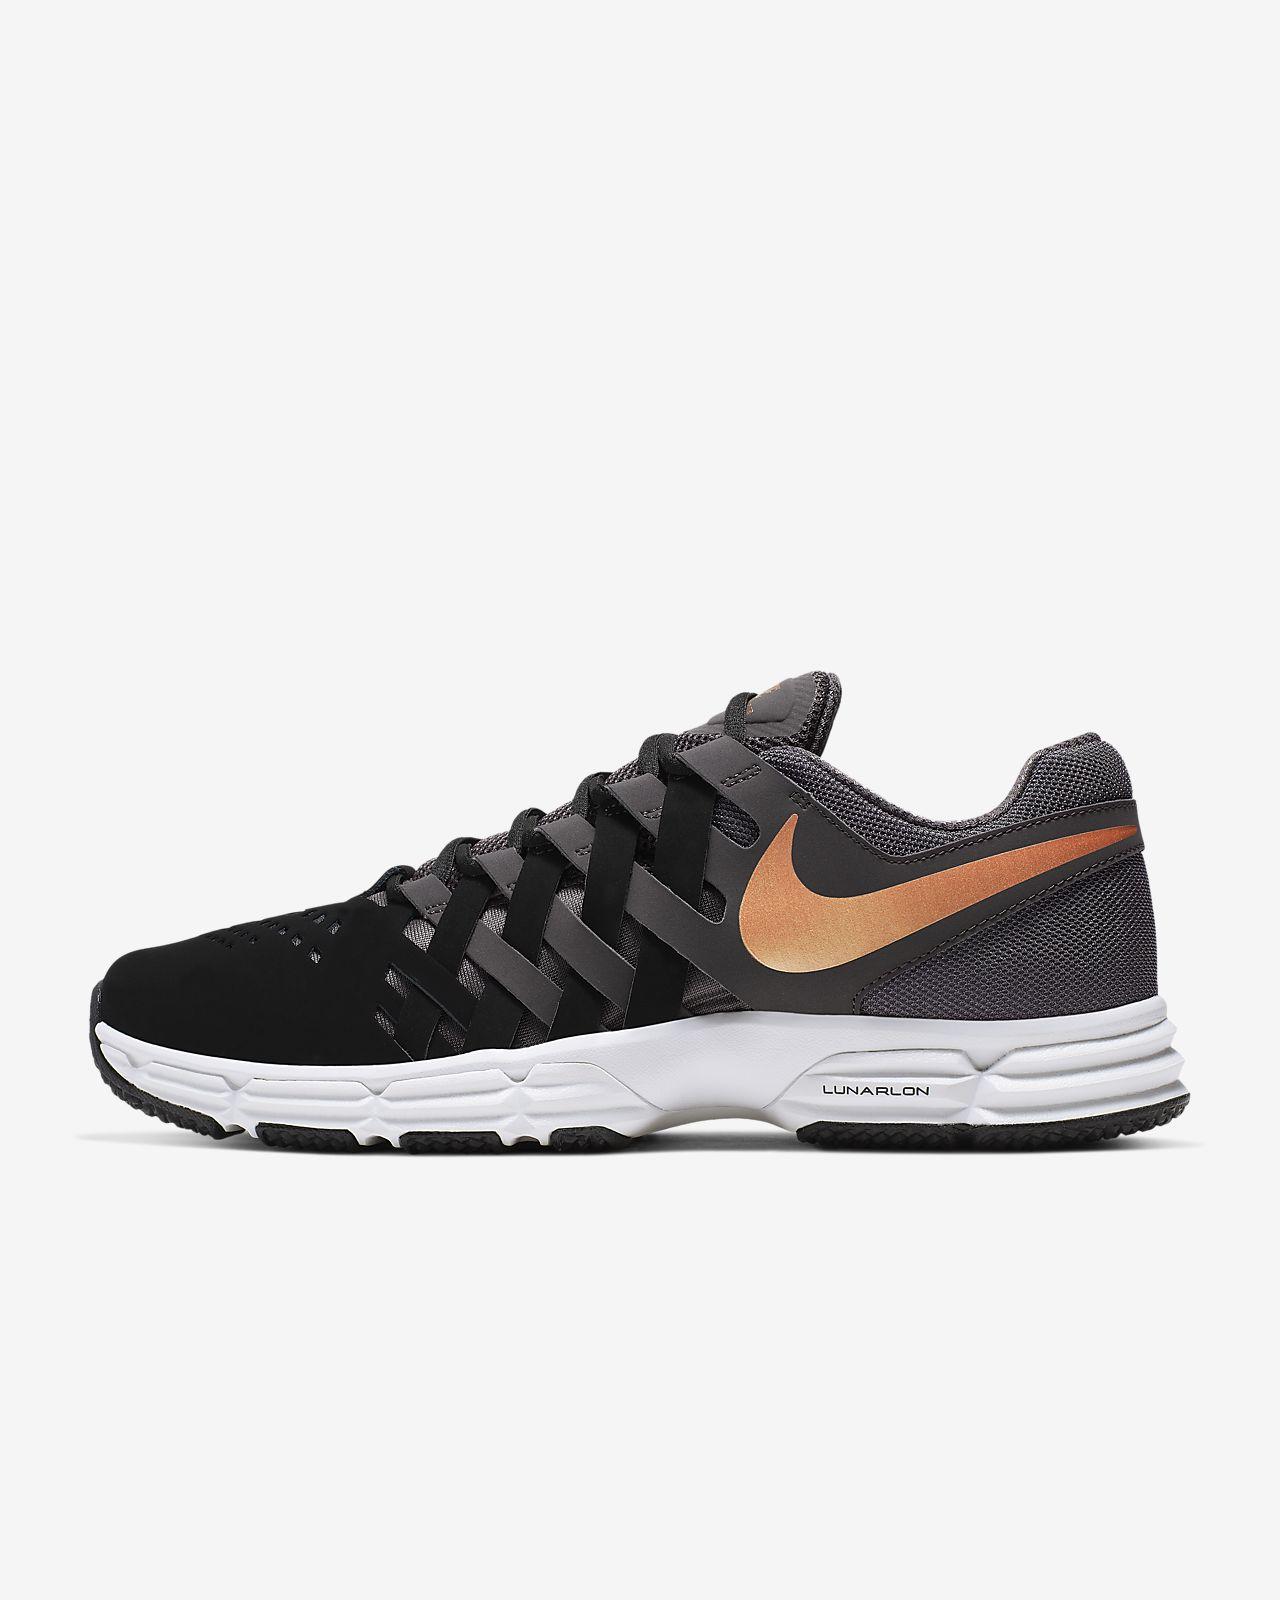 47e16727c6 Nike Lunar Fingertrap TR Men's Gym/Gameday Shoe. Nike.com